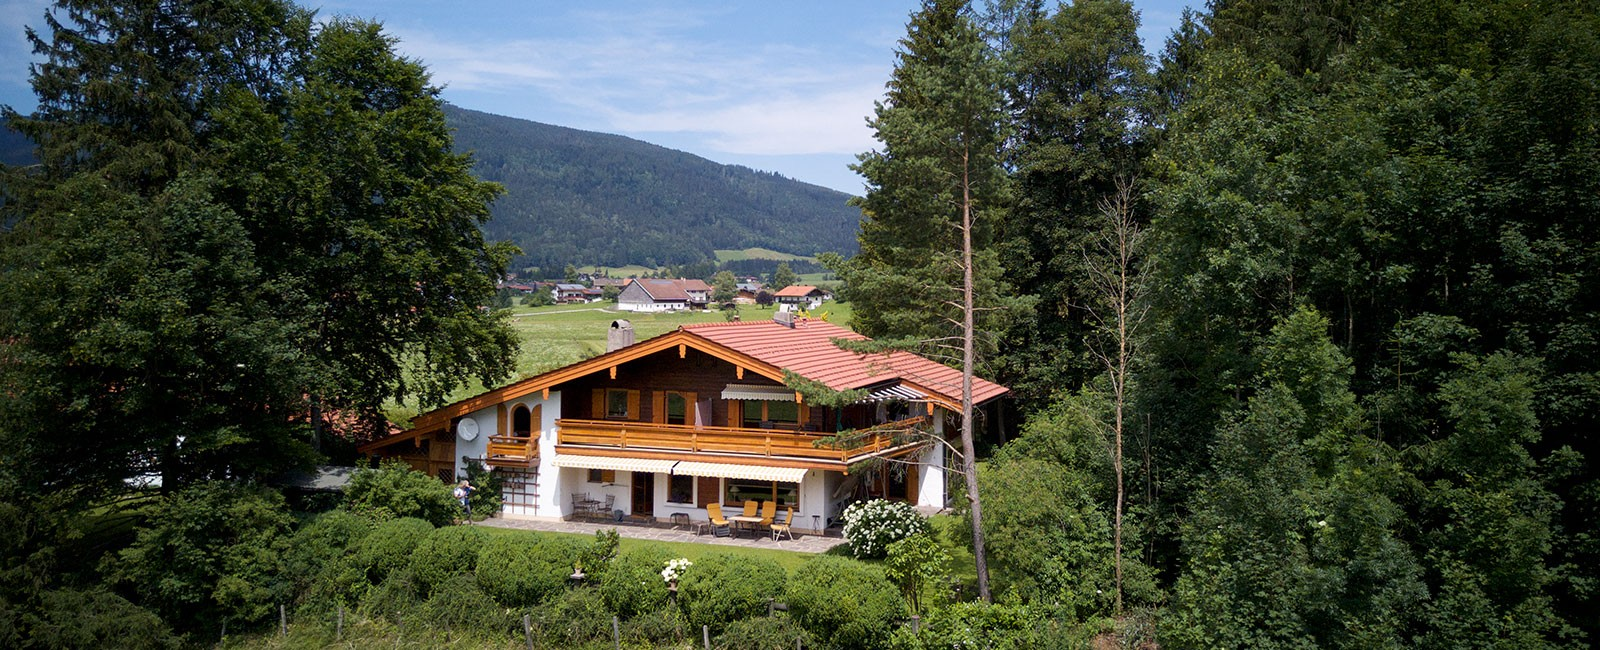 Ferienwohnung Inzell - Sommerurlaub